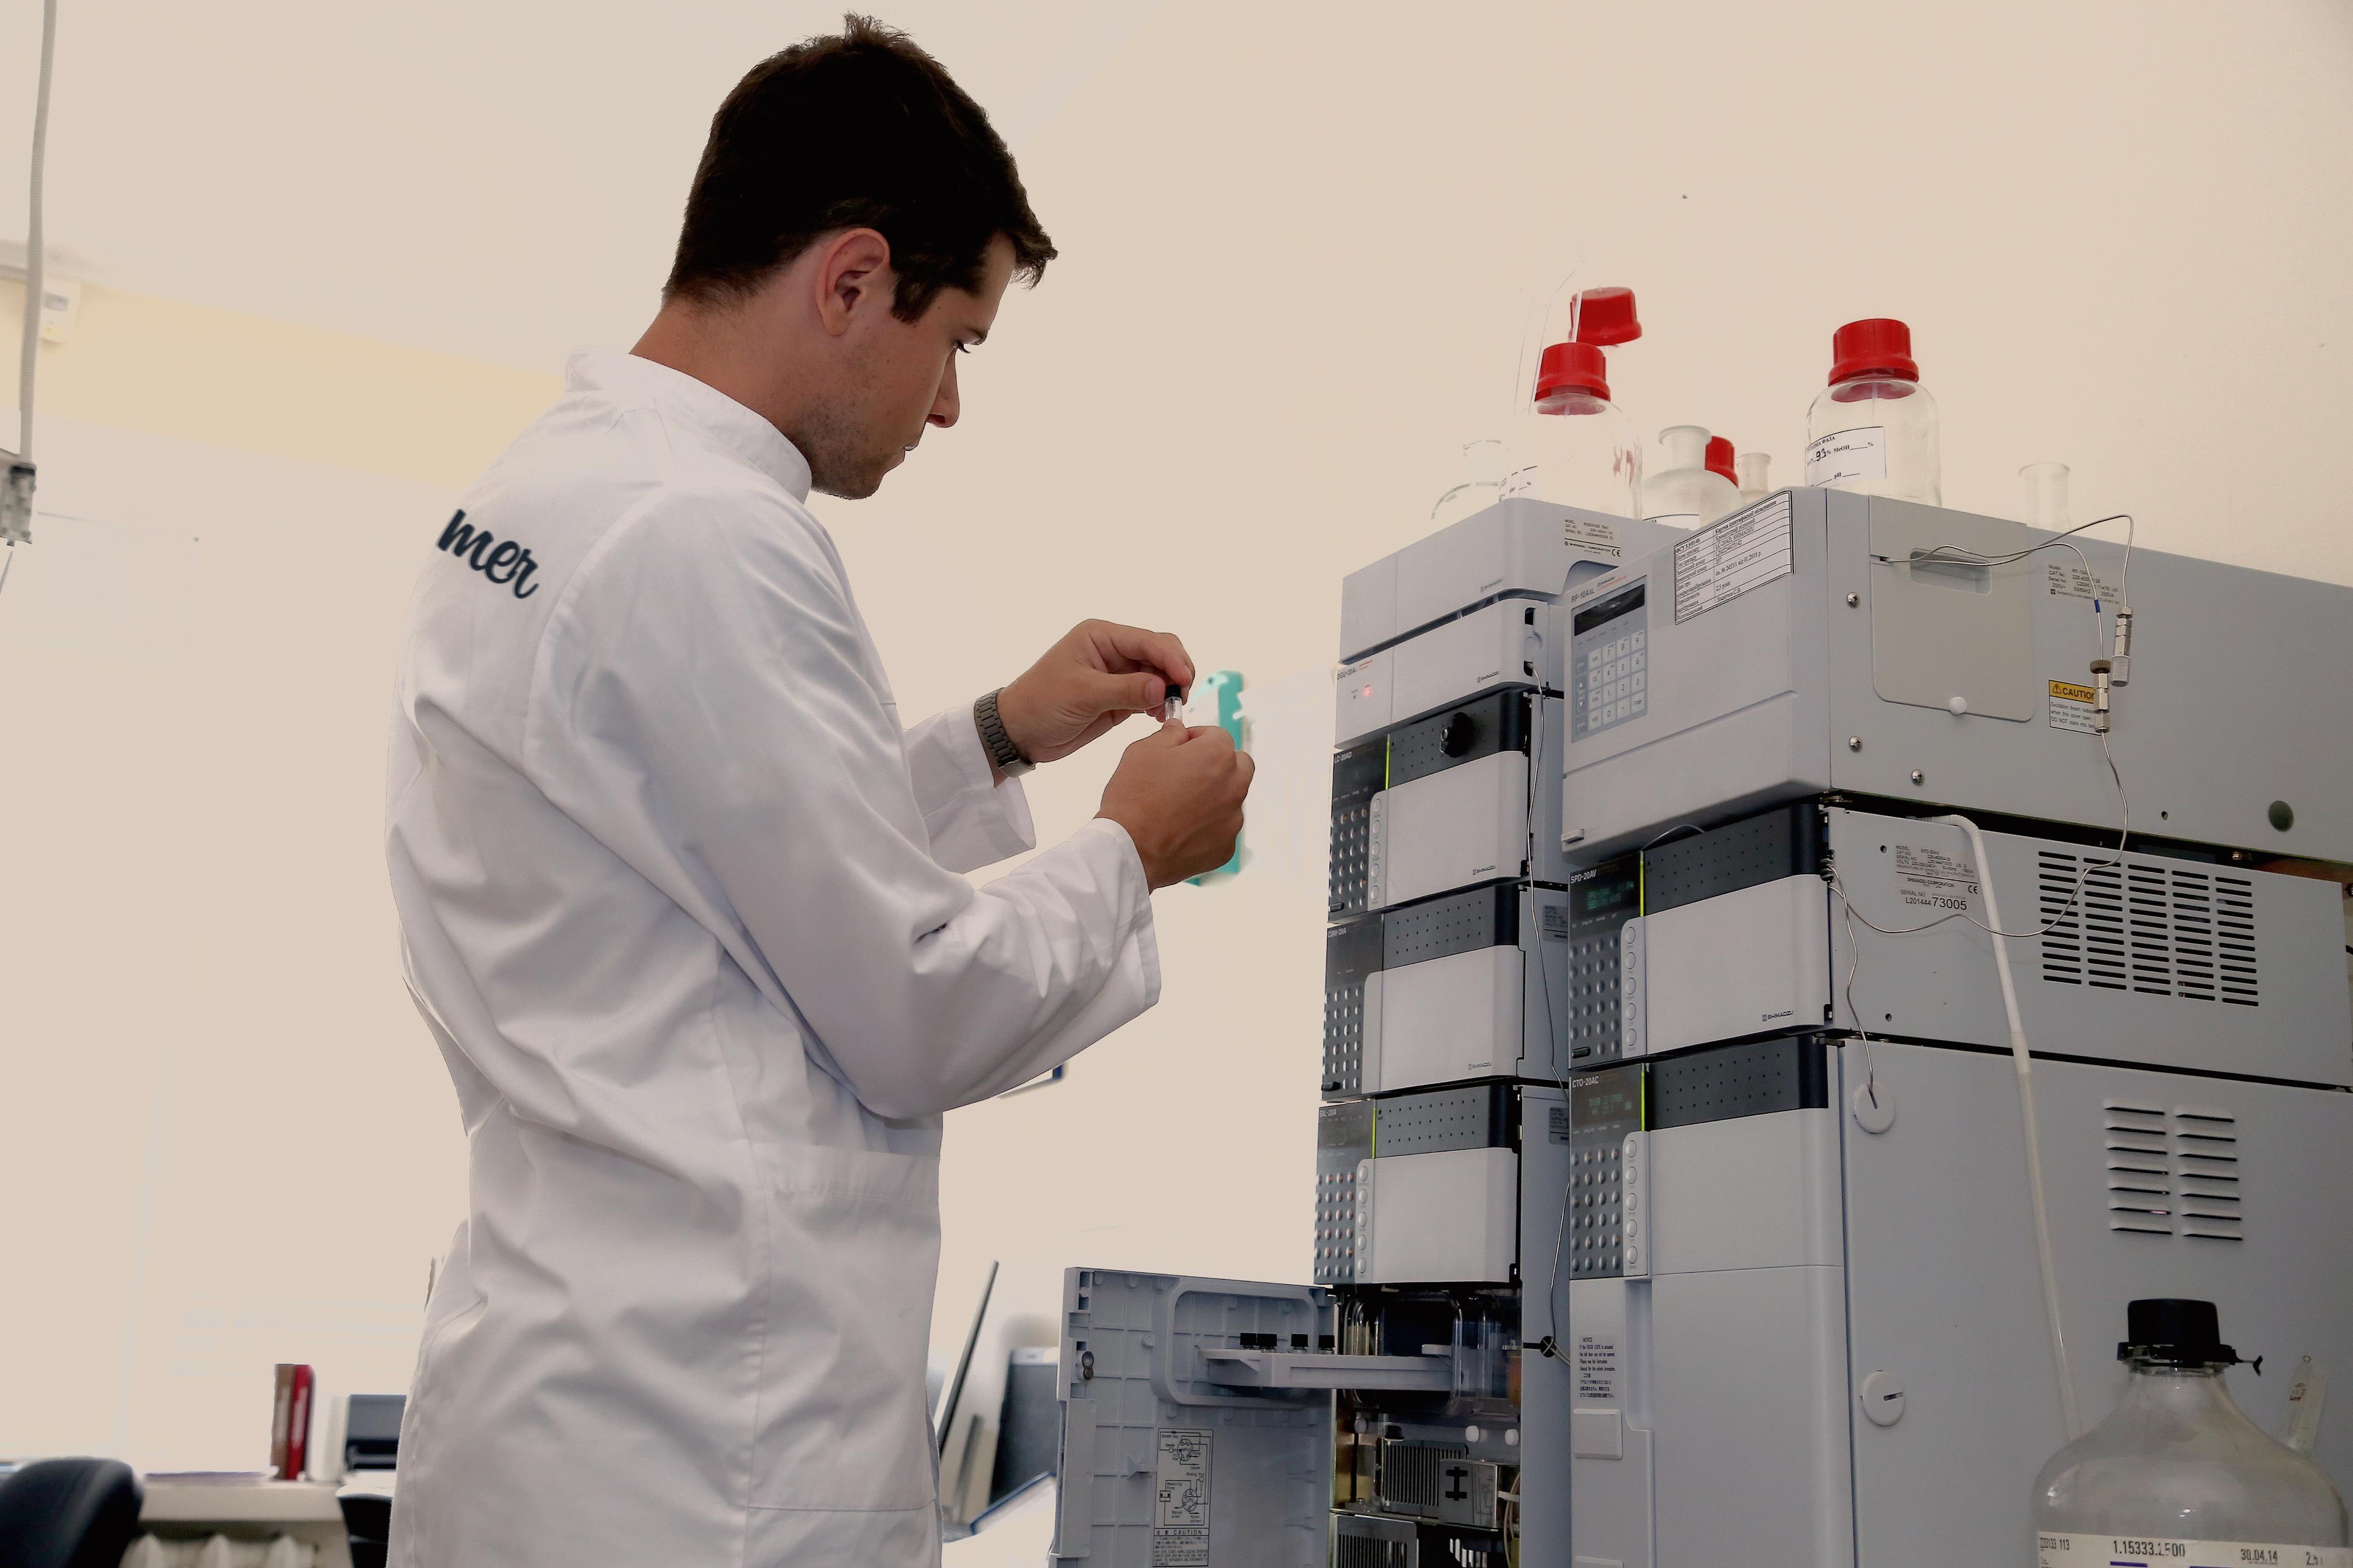 В Україні з'явився локальний сервіс для дослідження генетичних особливостей